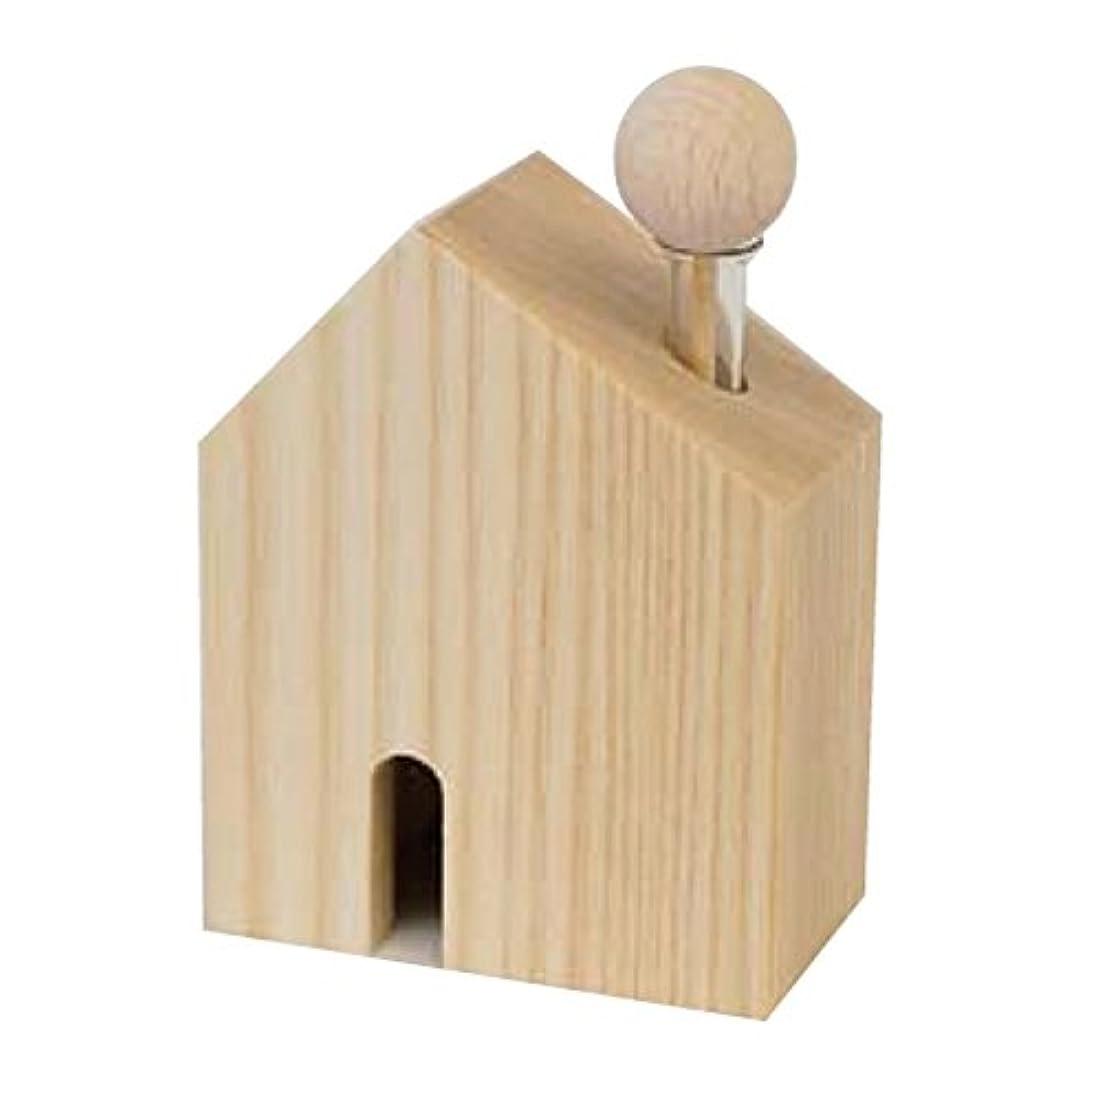 件名堂々たる緩むカリス成城 アロマ芳香器 木のお家